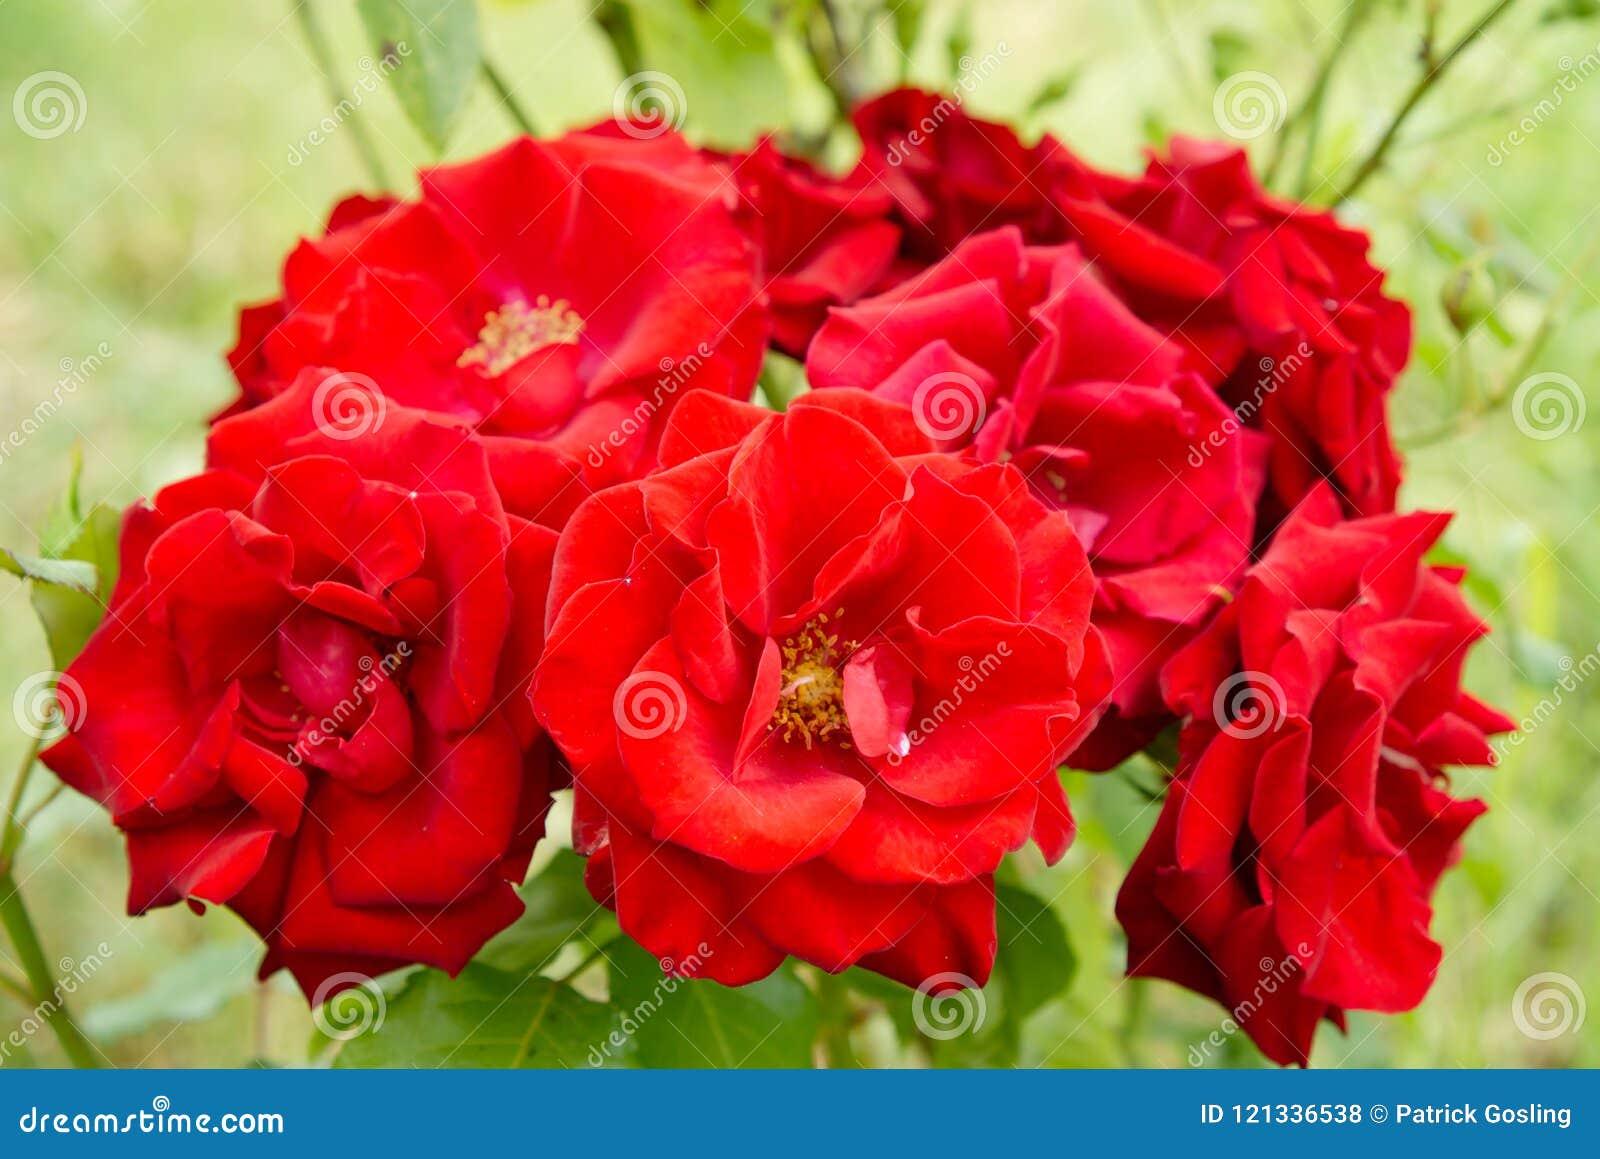 Red roses on the garden bush.